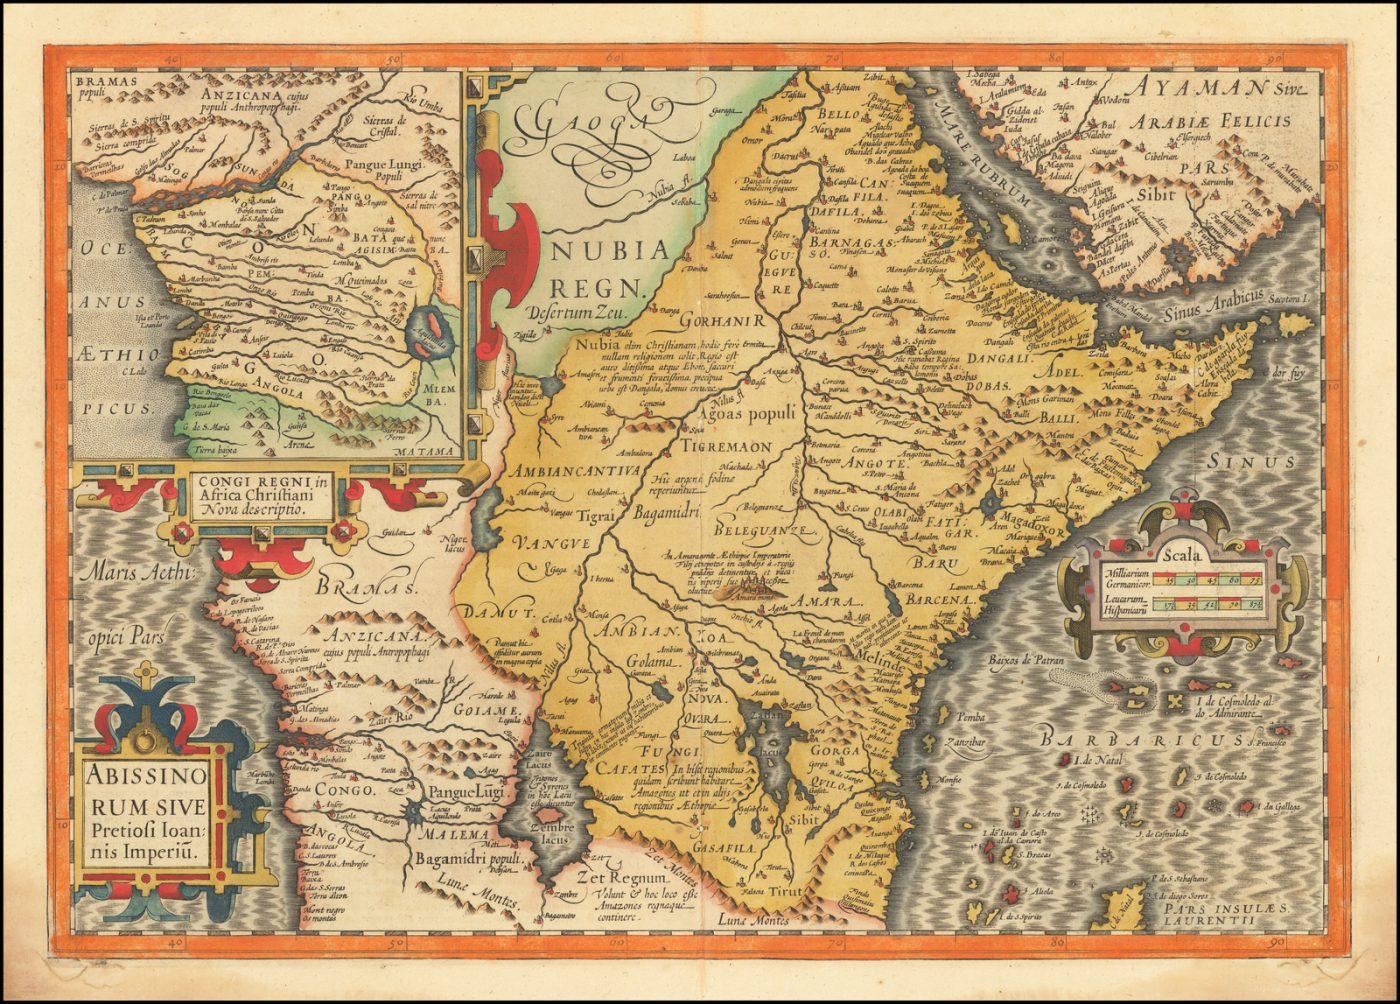 Крупноформатная карта королевства Пресвитера Иоанна, мифического африканского короля, которого крестоносцы считали обращенным в христианство